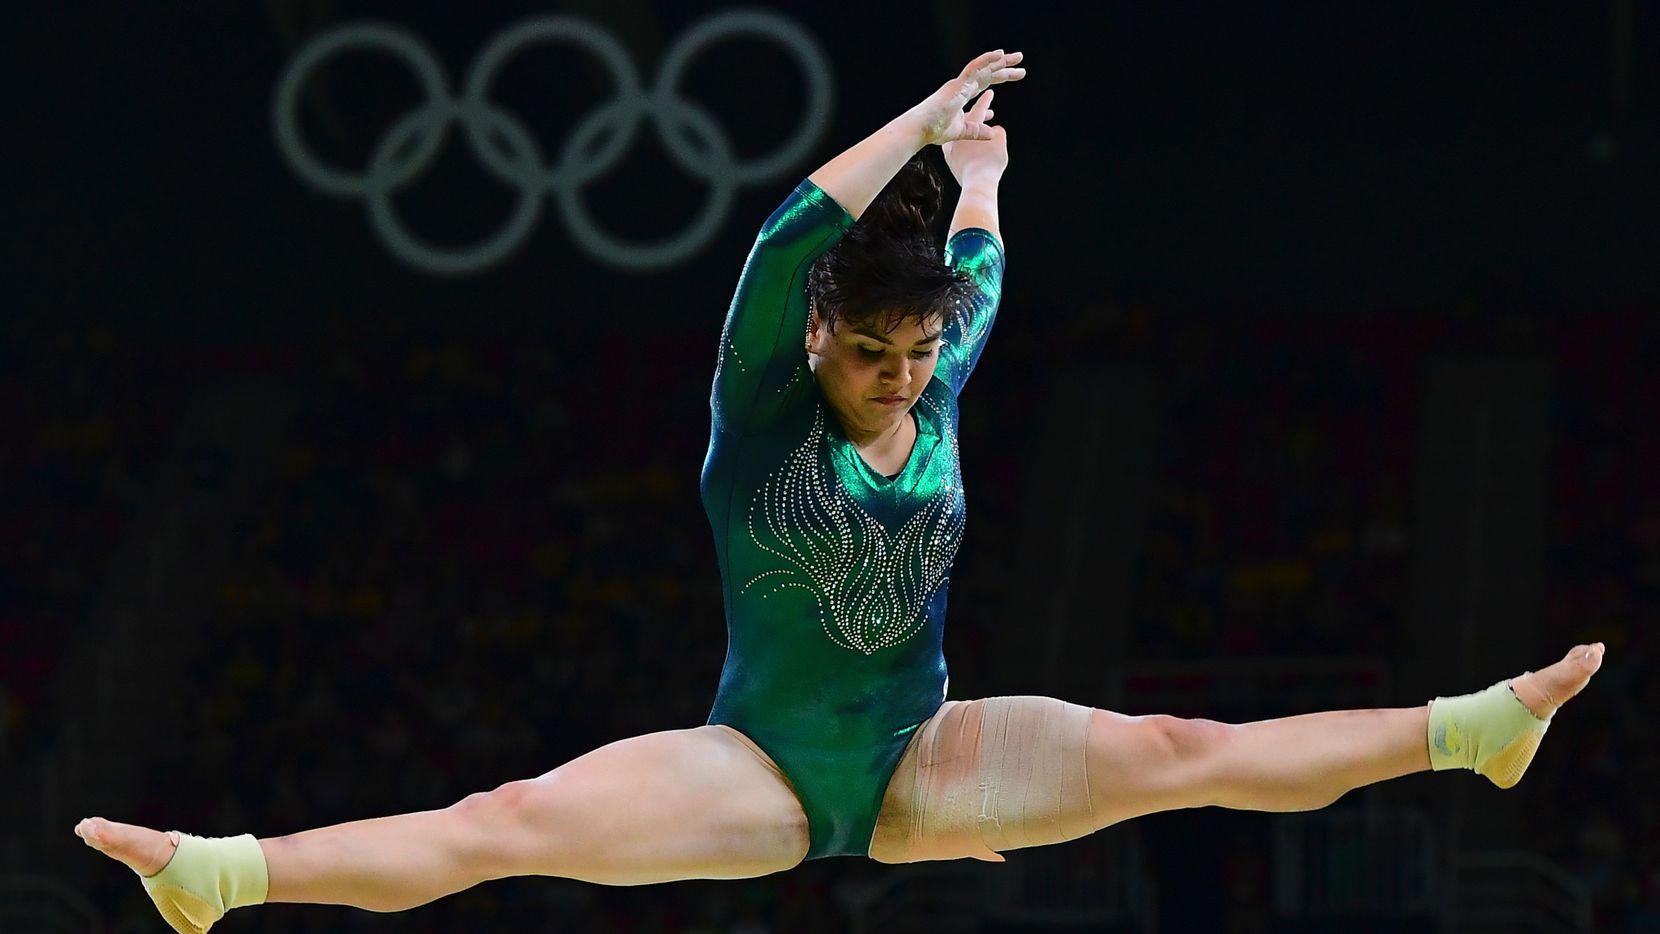 La gimnasta mexicana Alexa Moreno durante una de sus rutinas en los Juegos Olímpicos de Río de Janeiro, Brasil, el 7 de agosto de 2016.